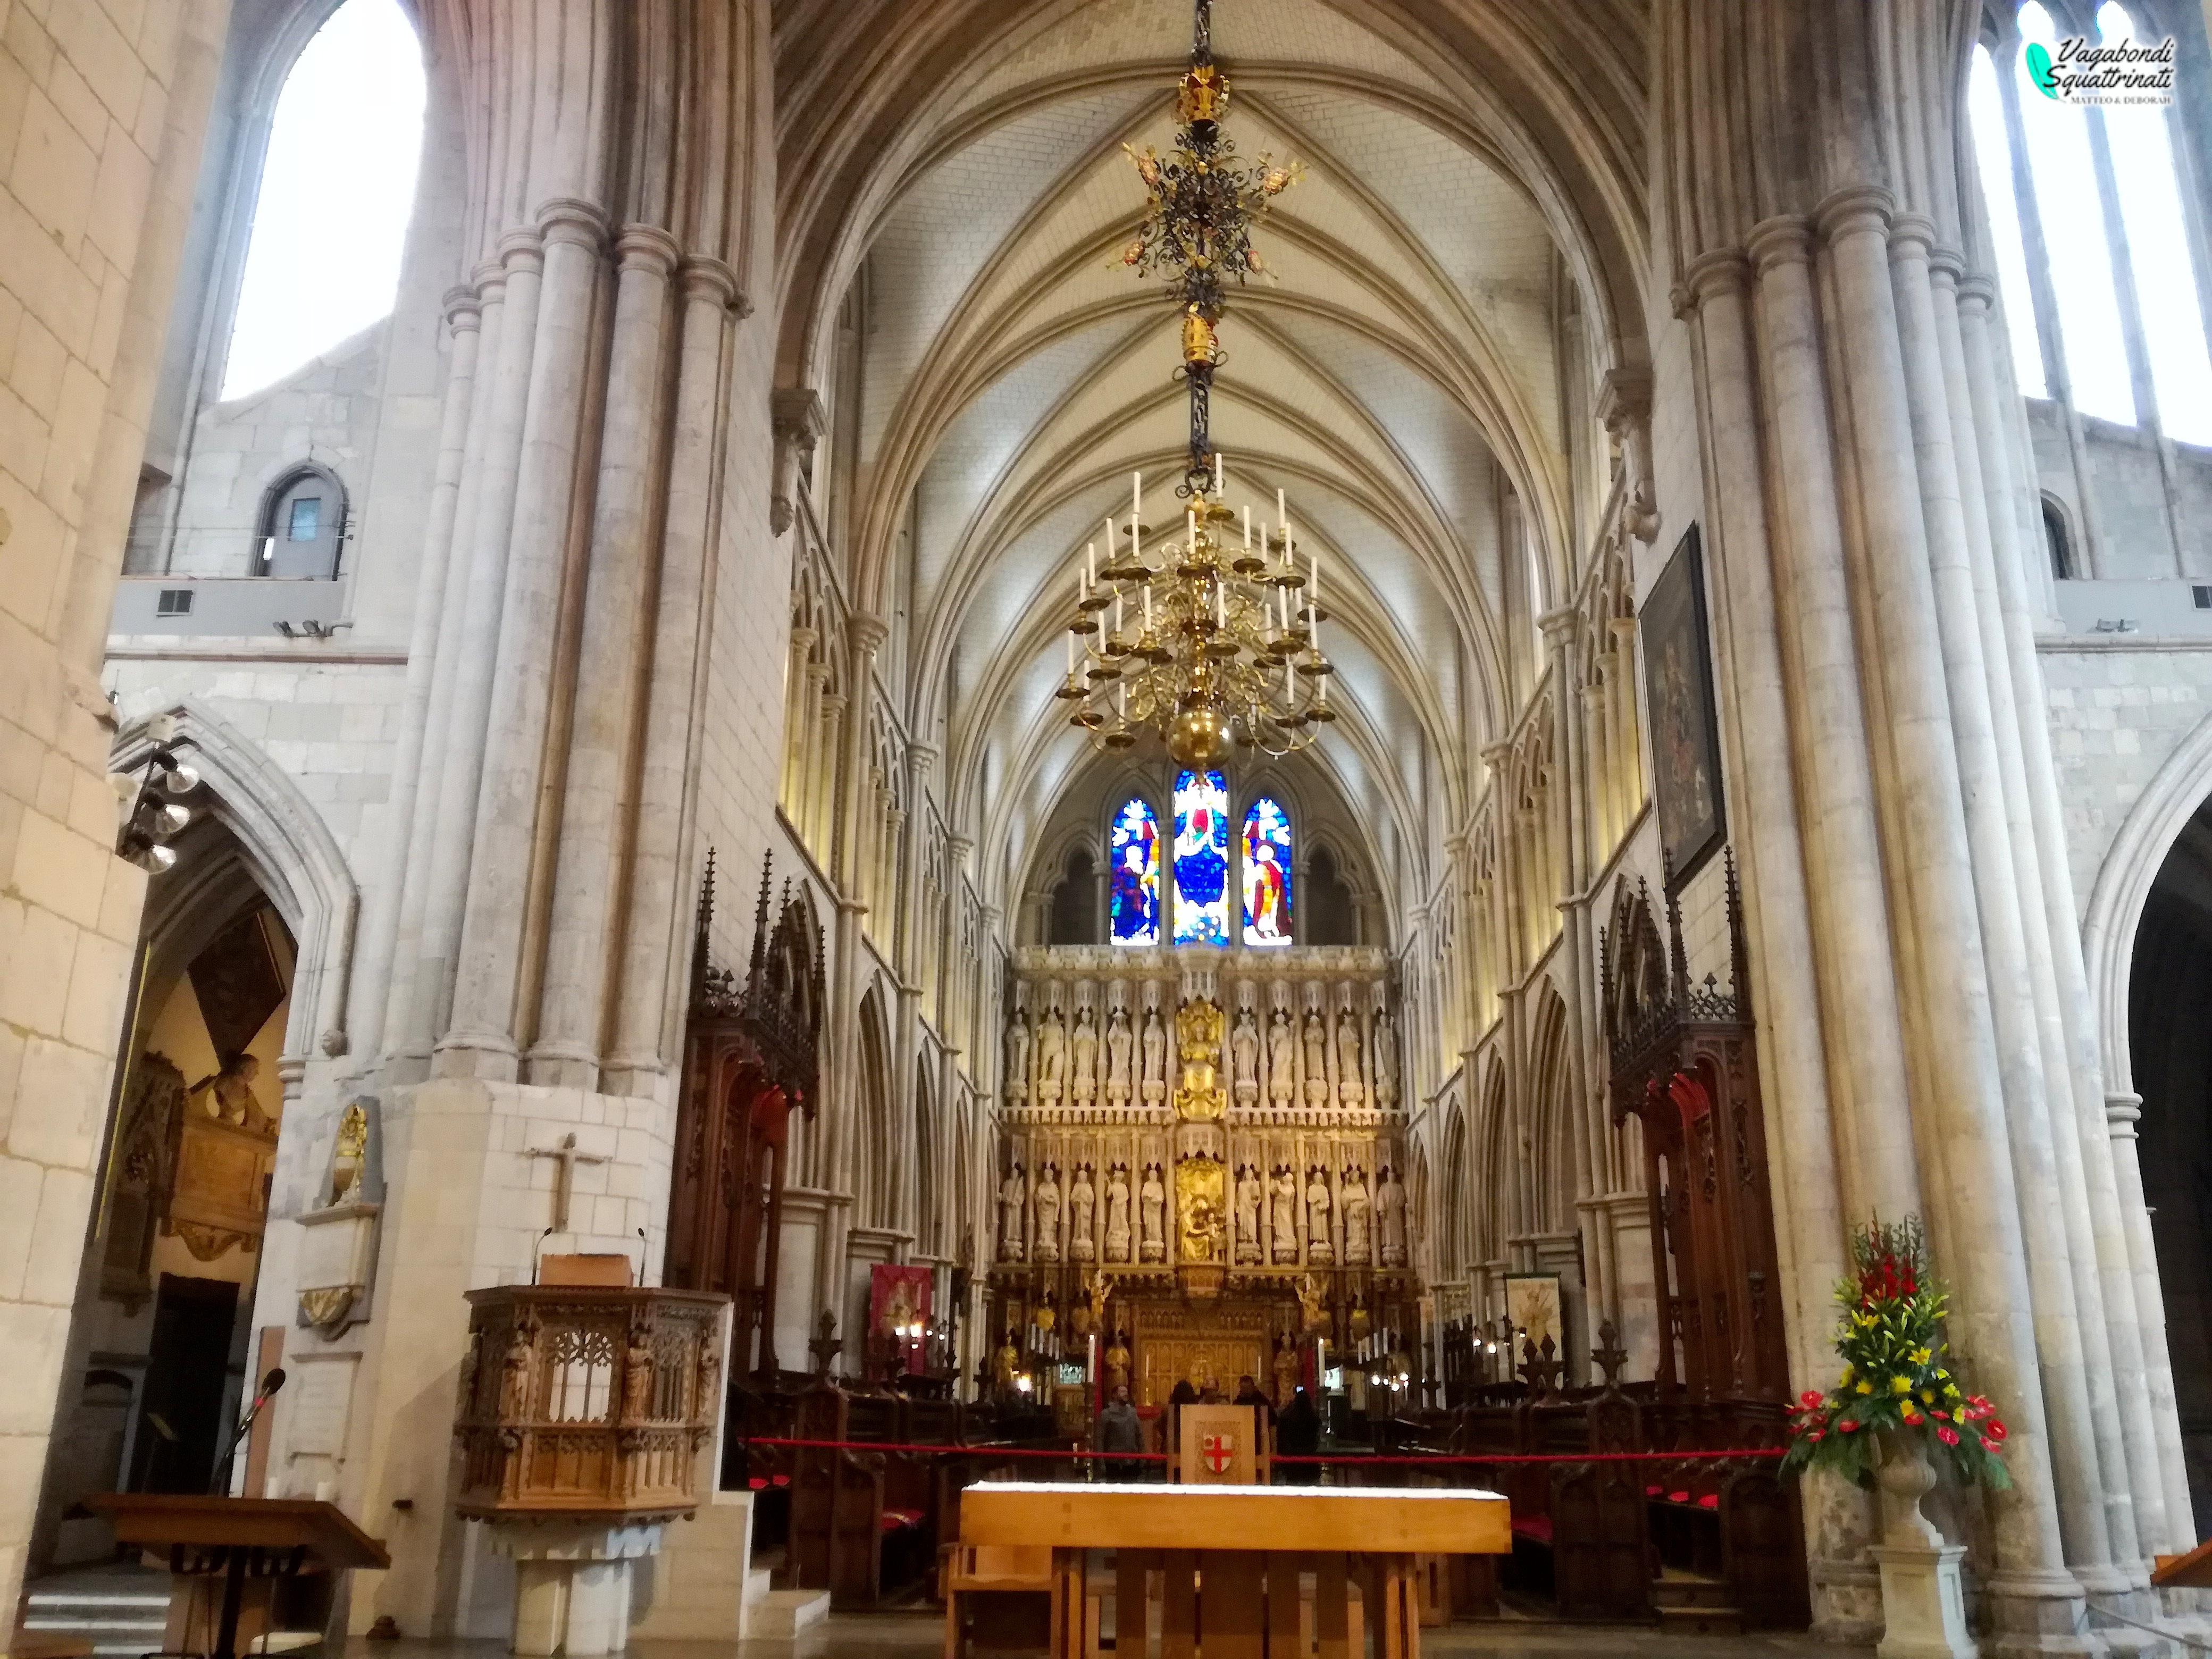 Coro della cattedrale di Southwark